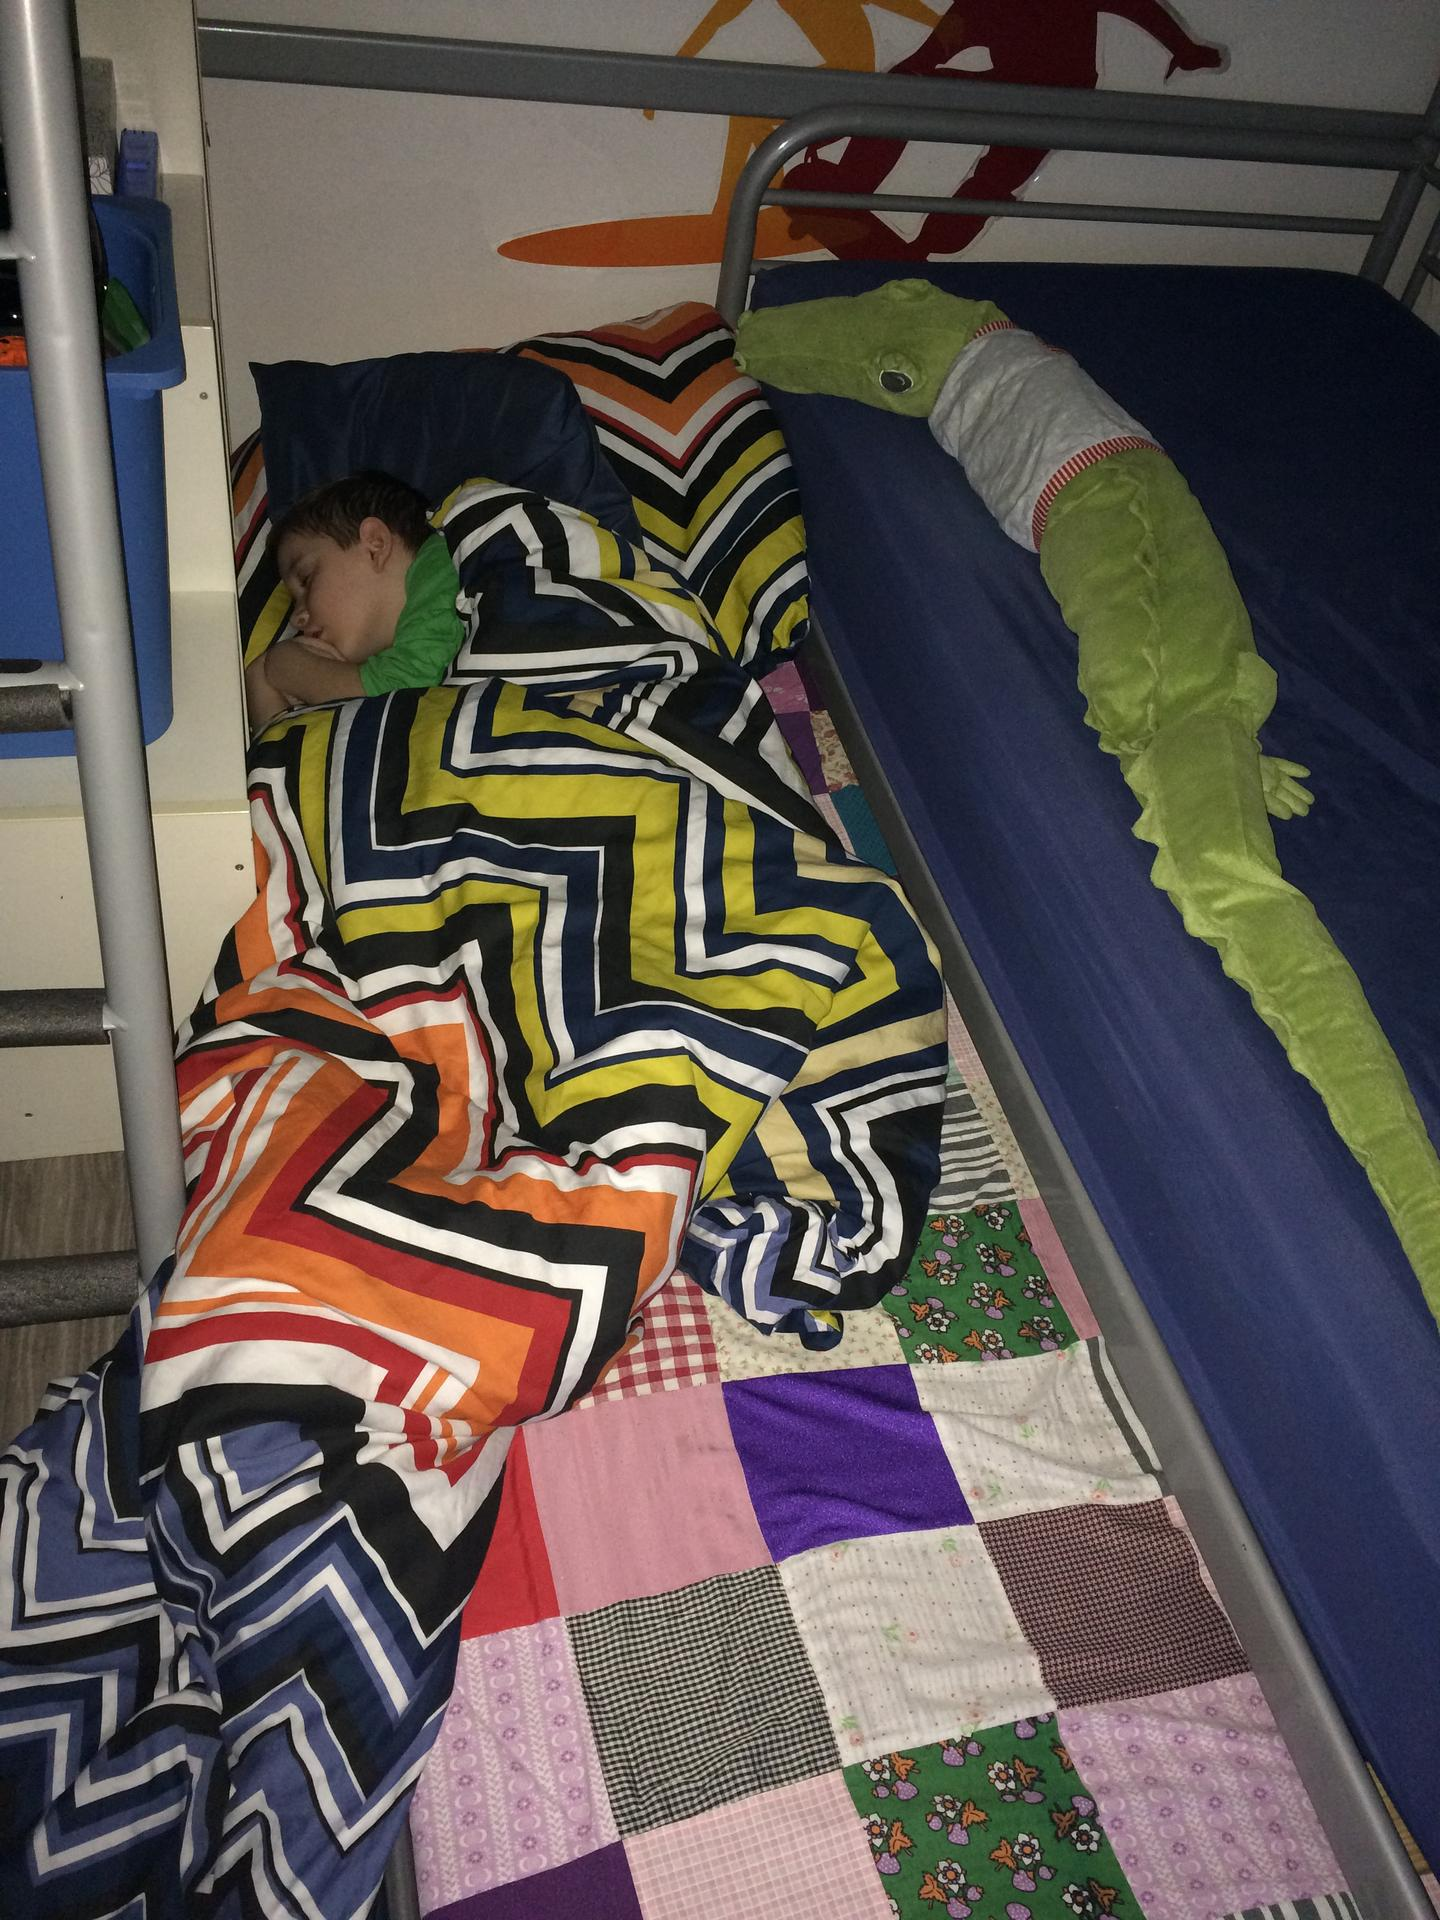 Detská izba - Aj otestovana. ☺️ Ulozite viecer dieta normalne do postele a rano ho najdete dole 😂